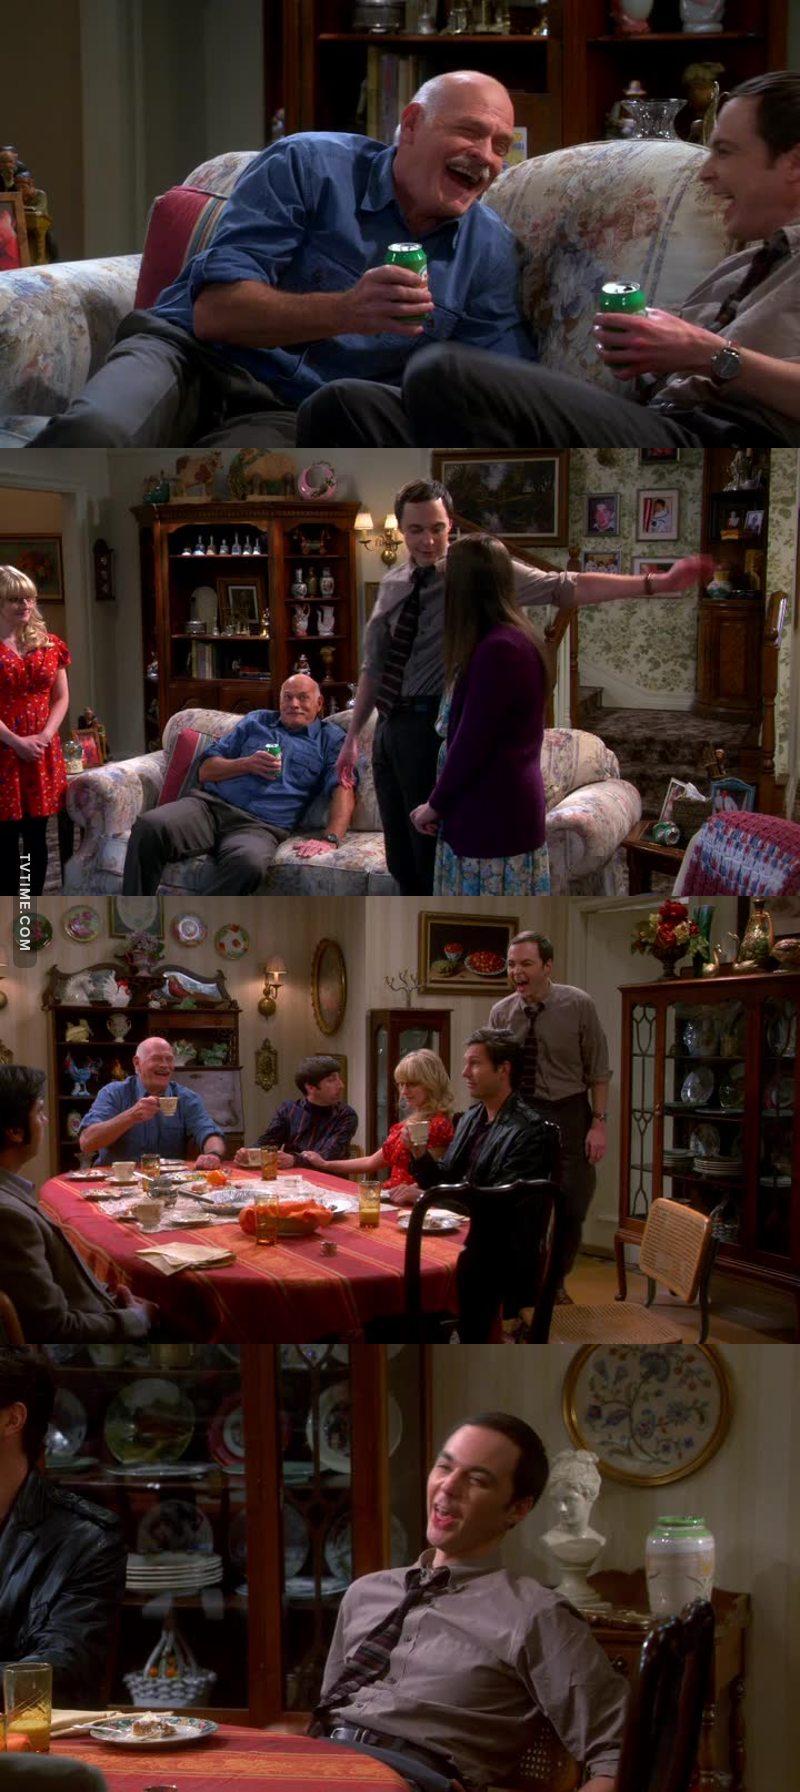 Sheldon drunk is the best🔝